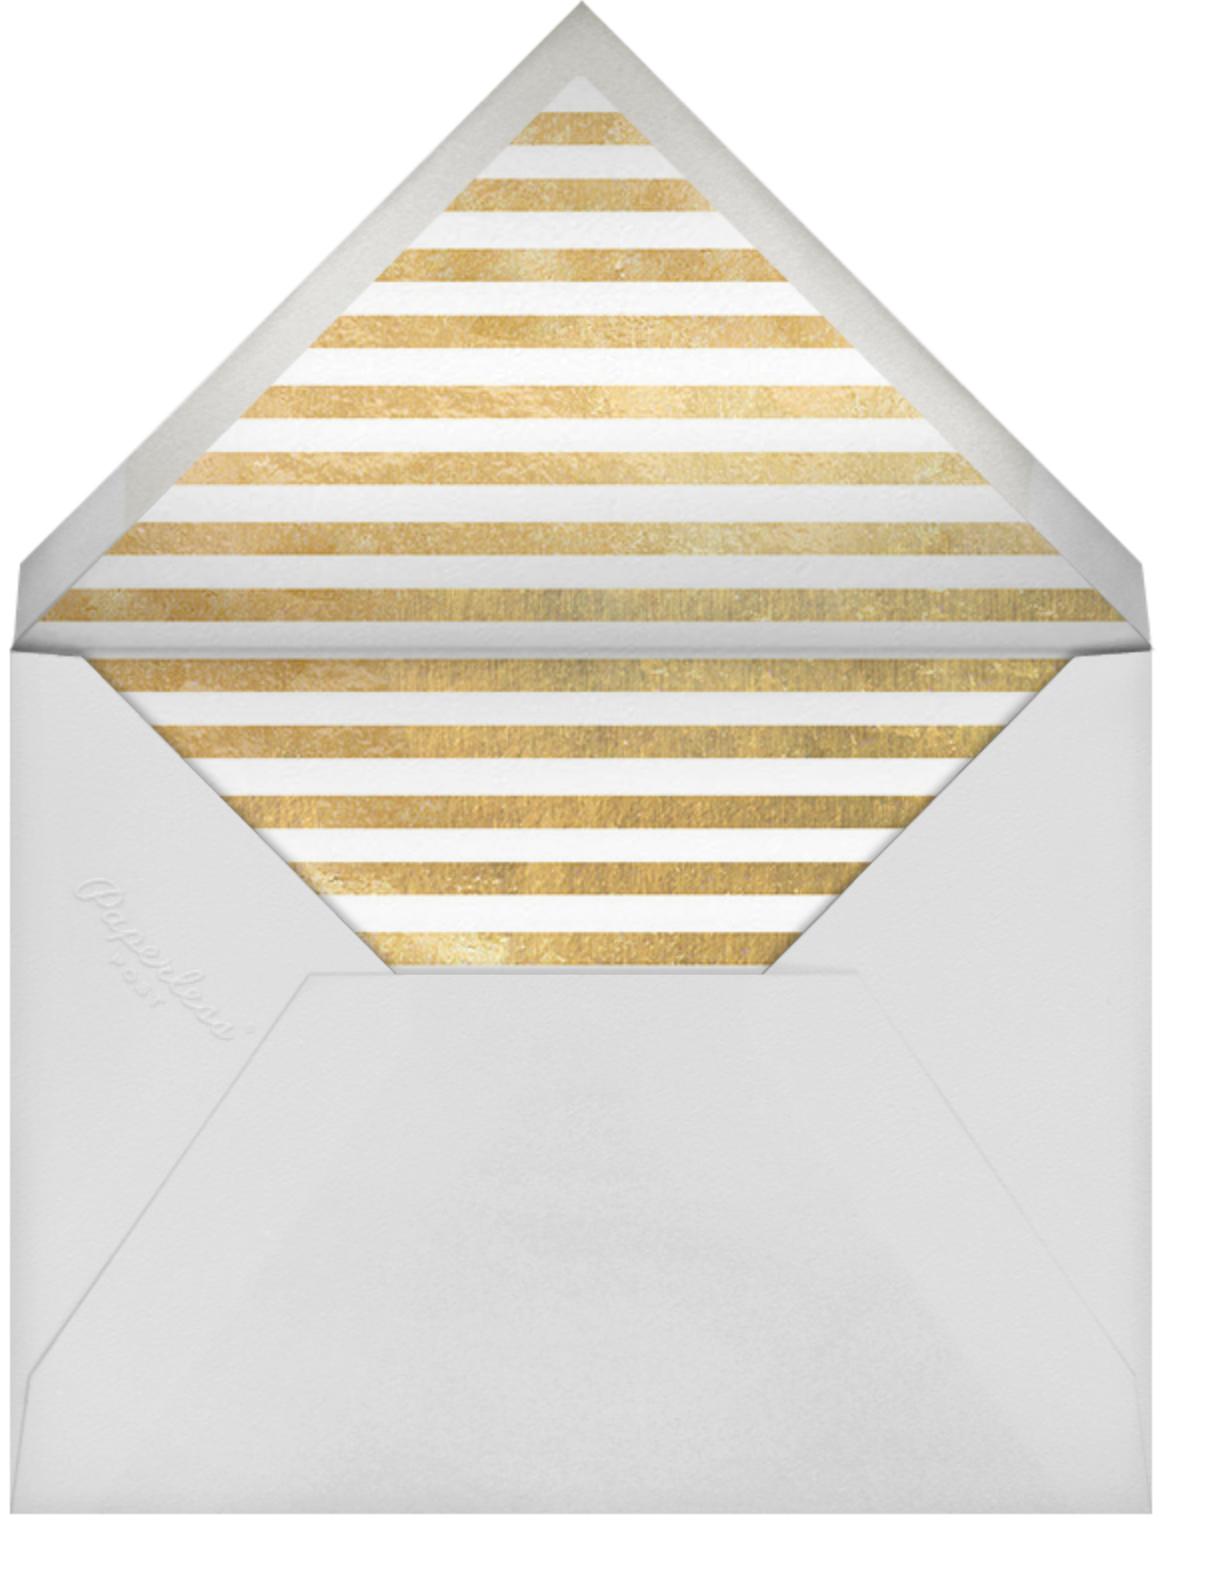 Ho Ho Ho Santa Belt (Invitation) - kate spade new york - Christmas party - envelope back